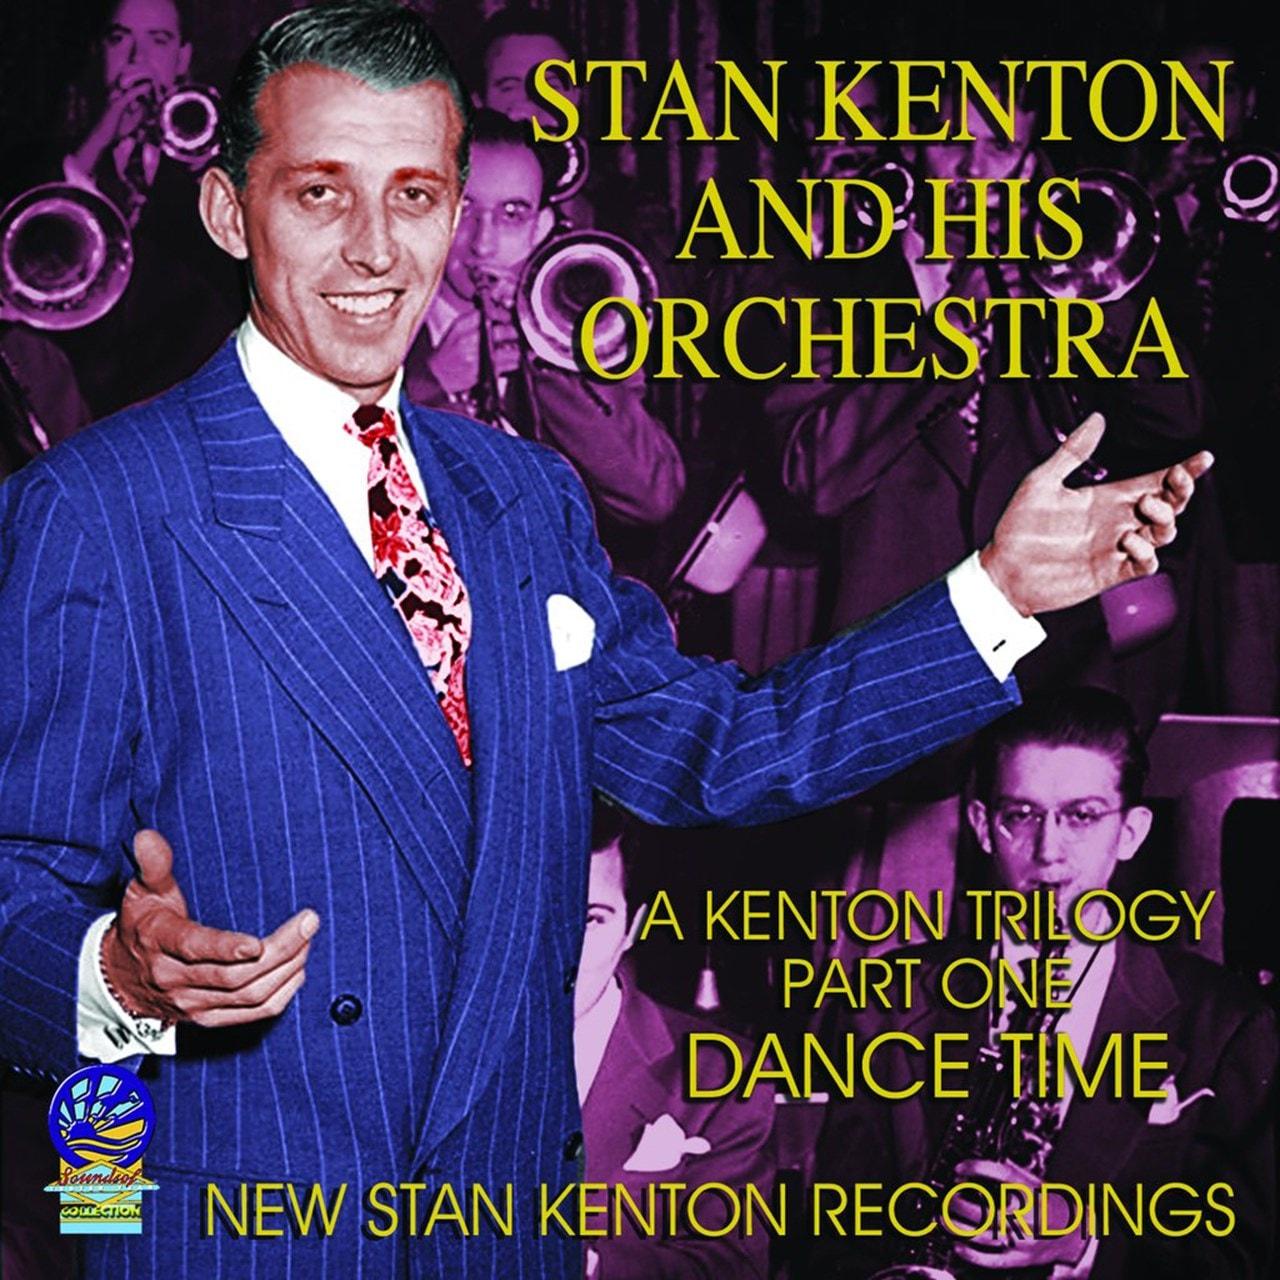 A Kenton Trilogy Part One: Dance Time - 1